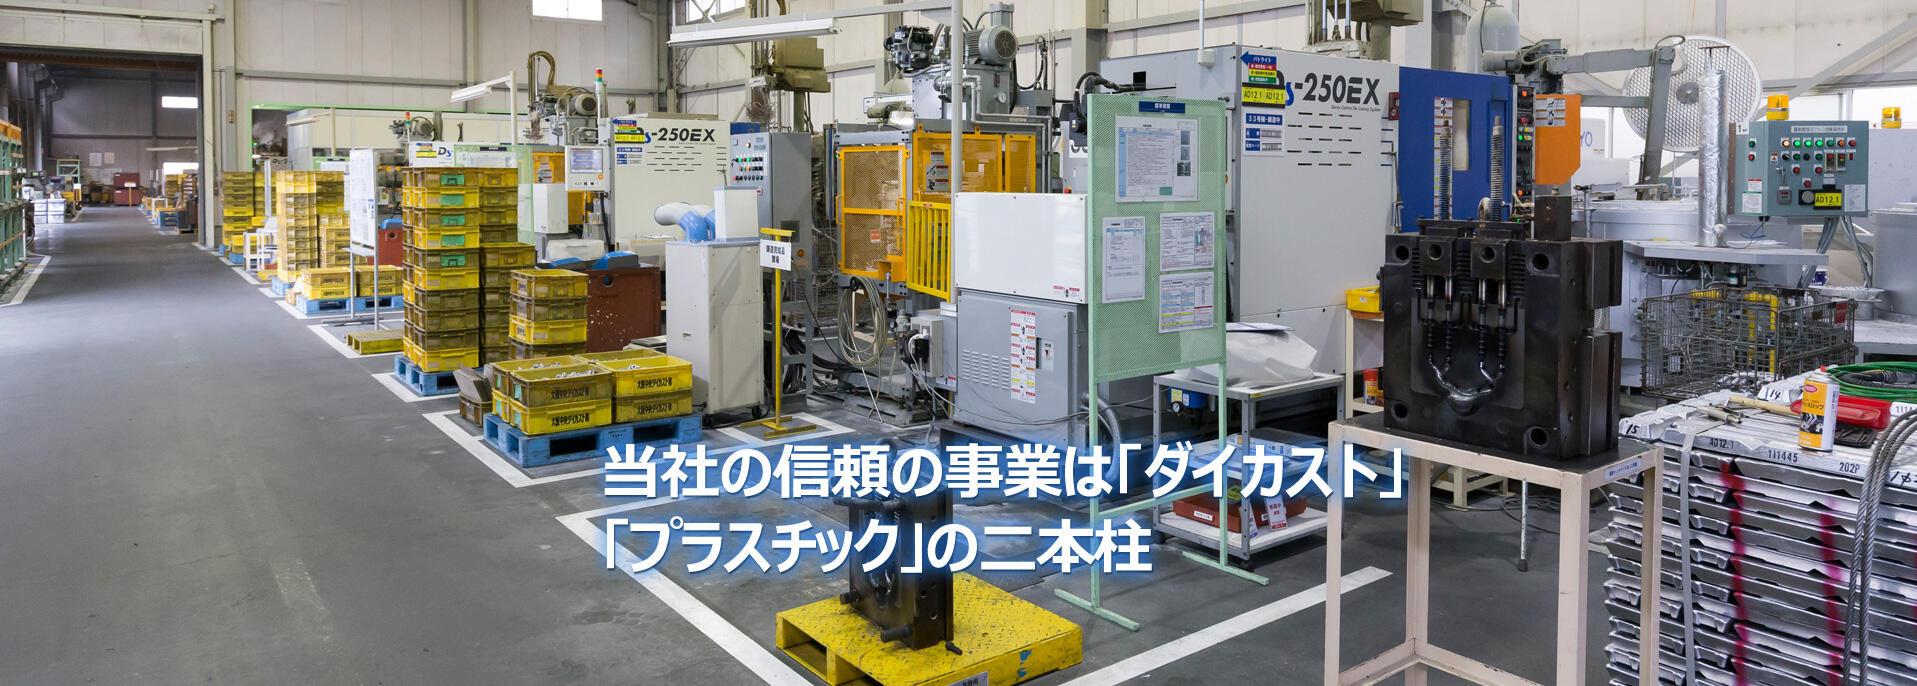 大阪中央ダイカスト株式会社